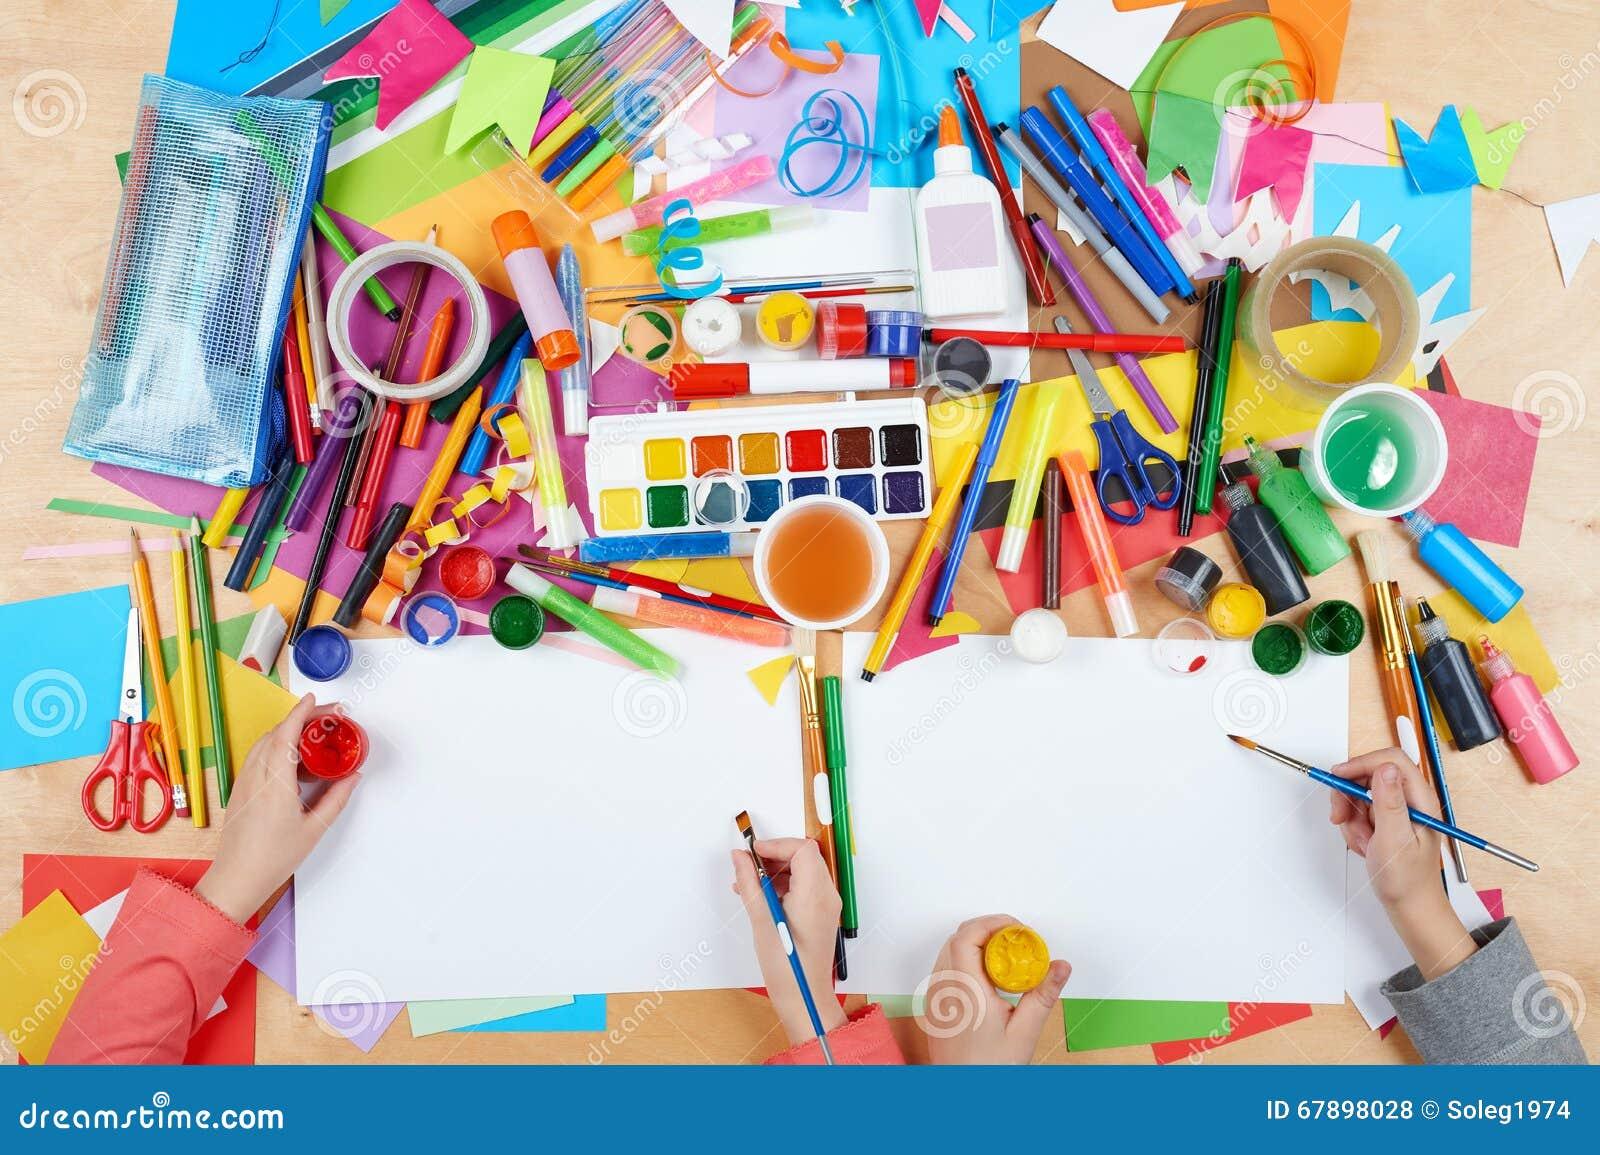 画顶视图的孩子 有创造性的辅助部件的艺术品工作场所 为绘的平的位置艺术工具